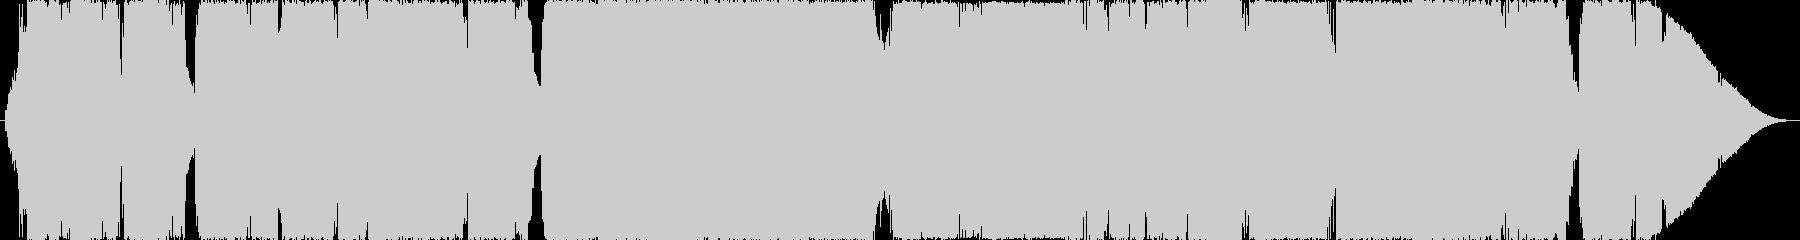 昔のRPGの戦闘・バトルシーンのBGM…の未再生の波形